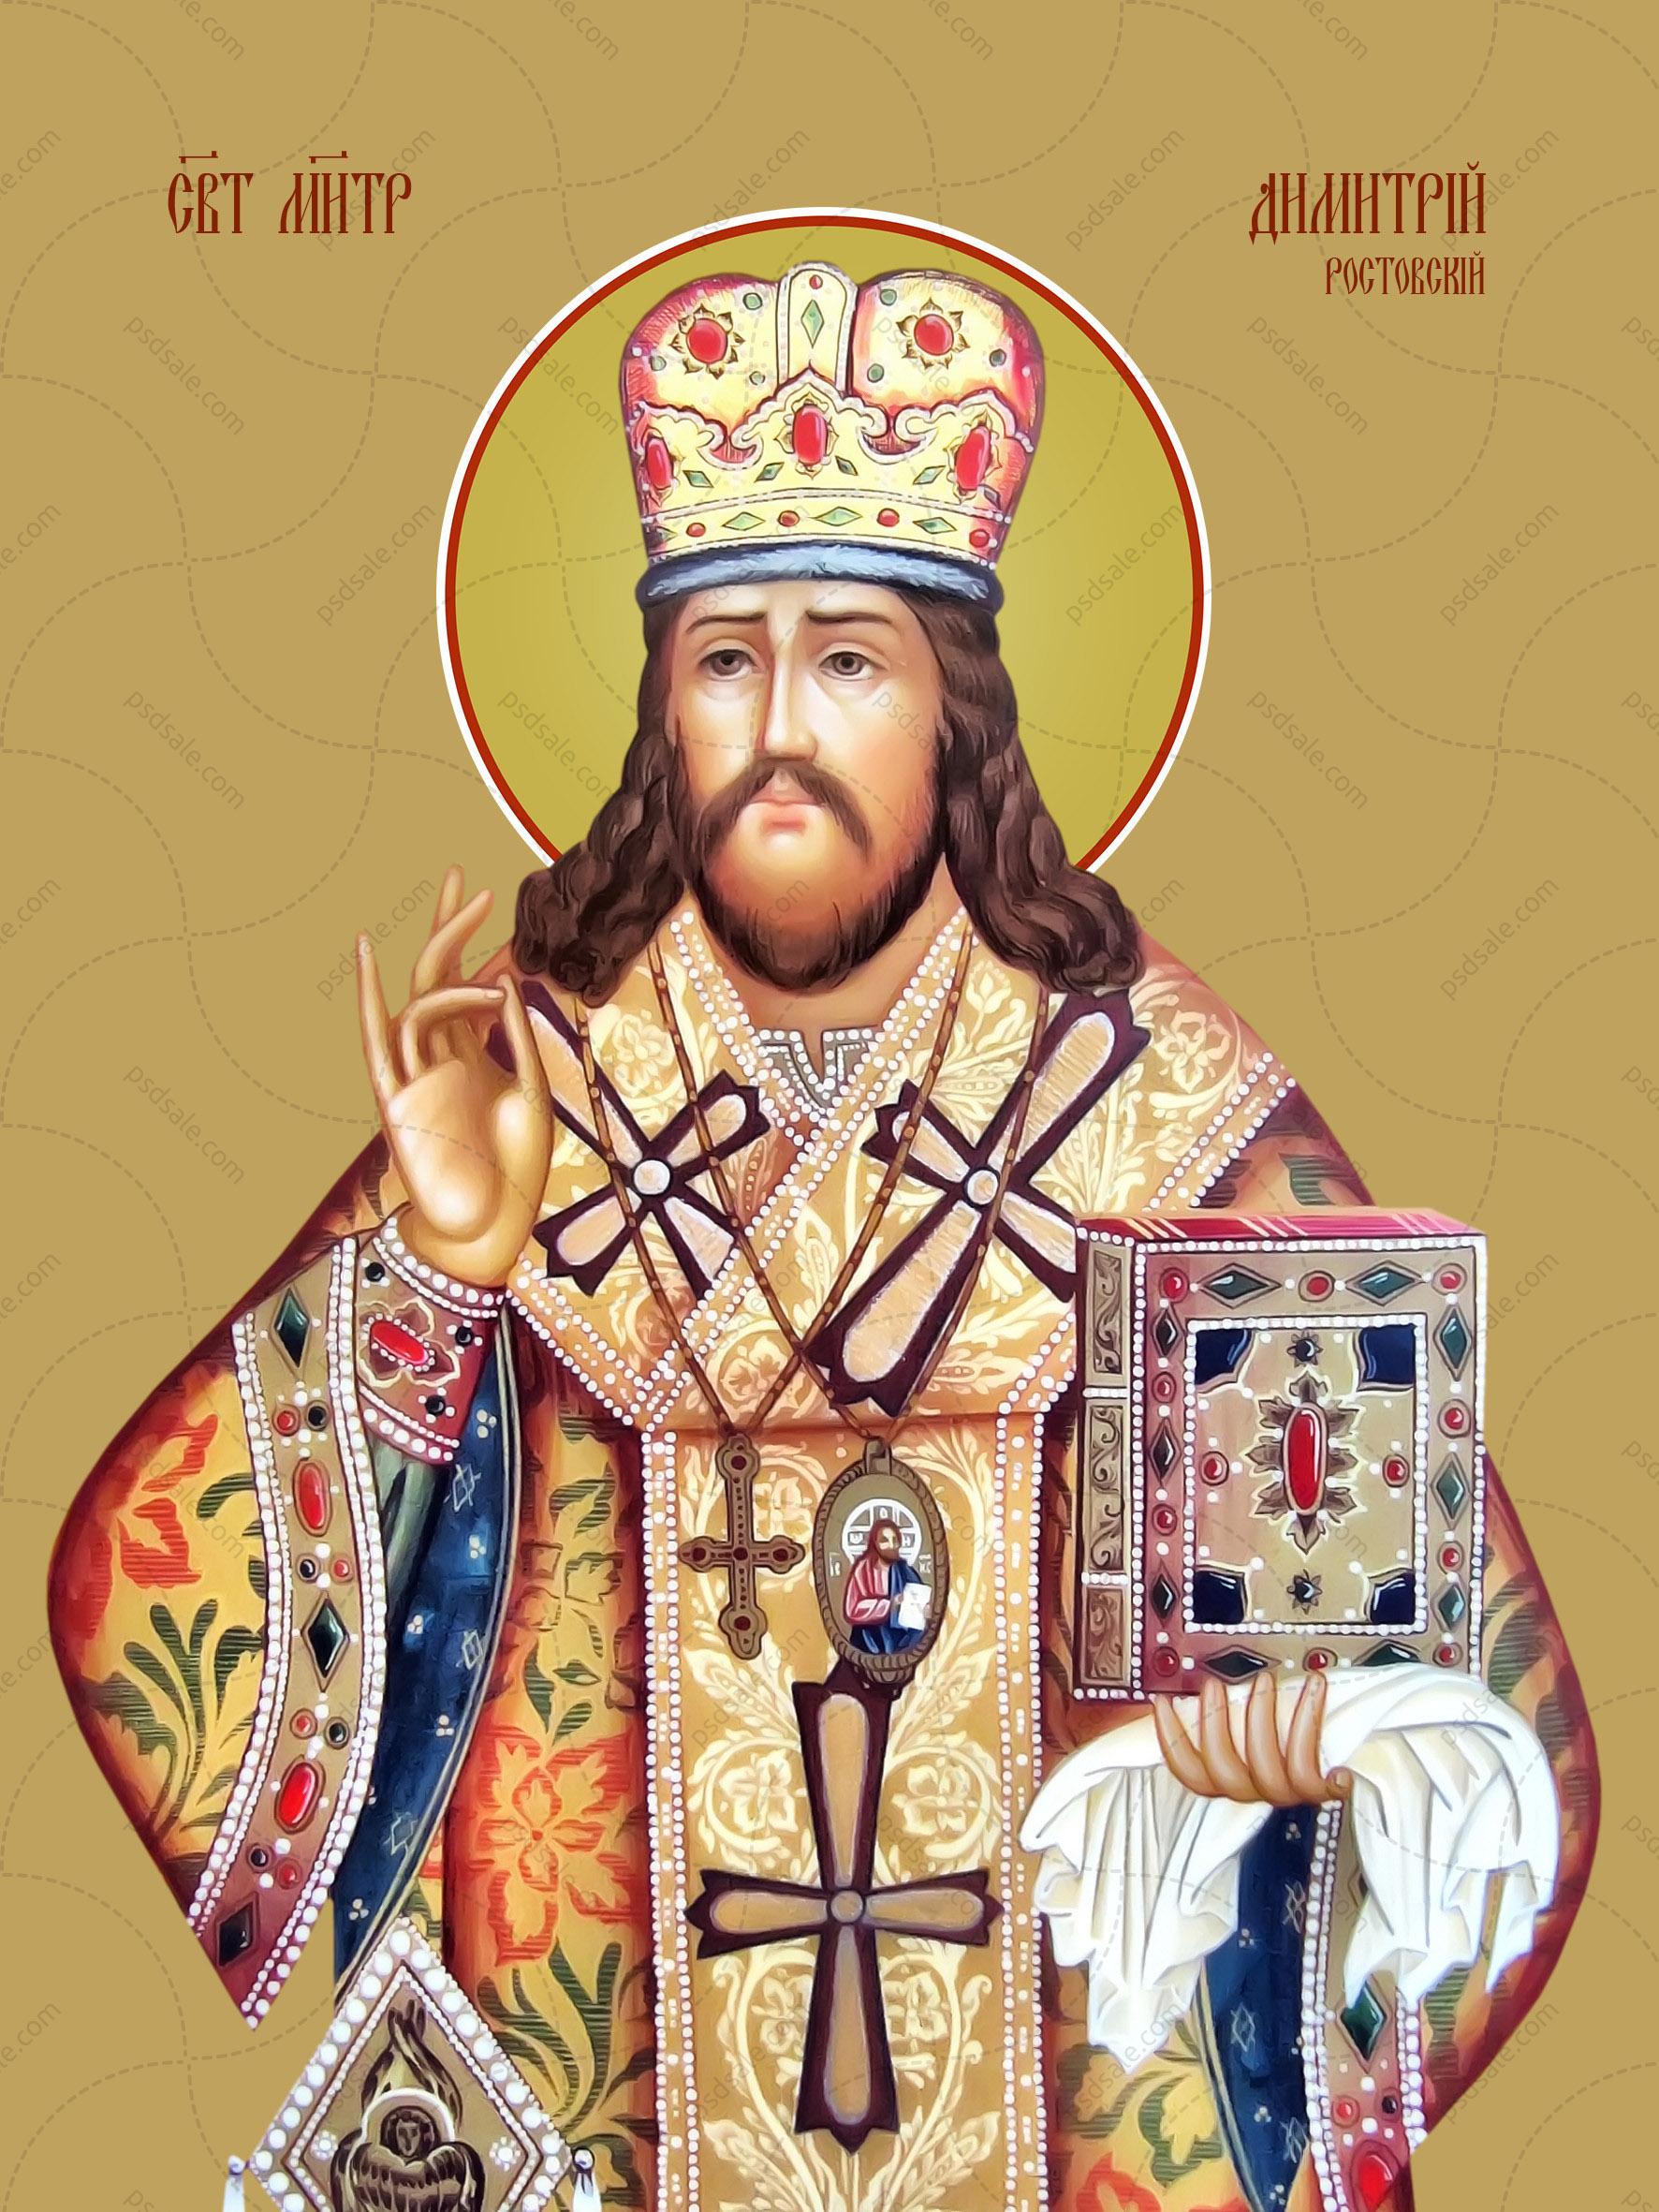 Дмитрий Ростовский, митрополит